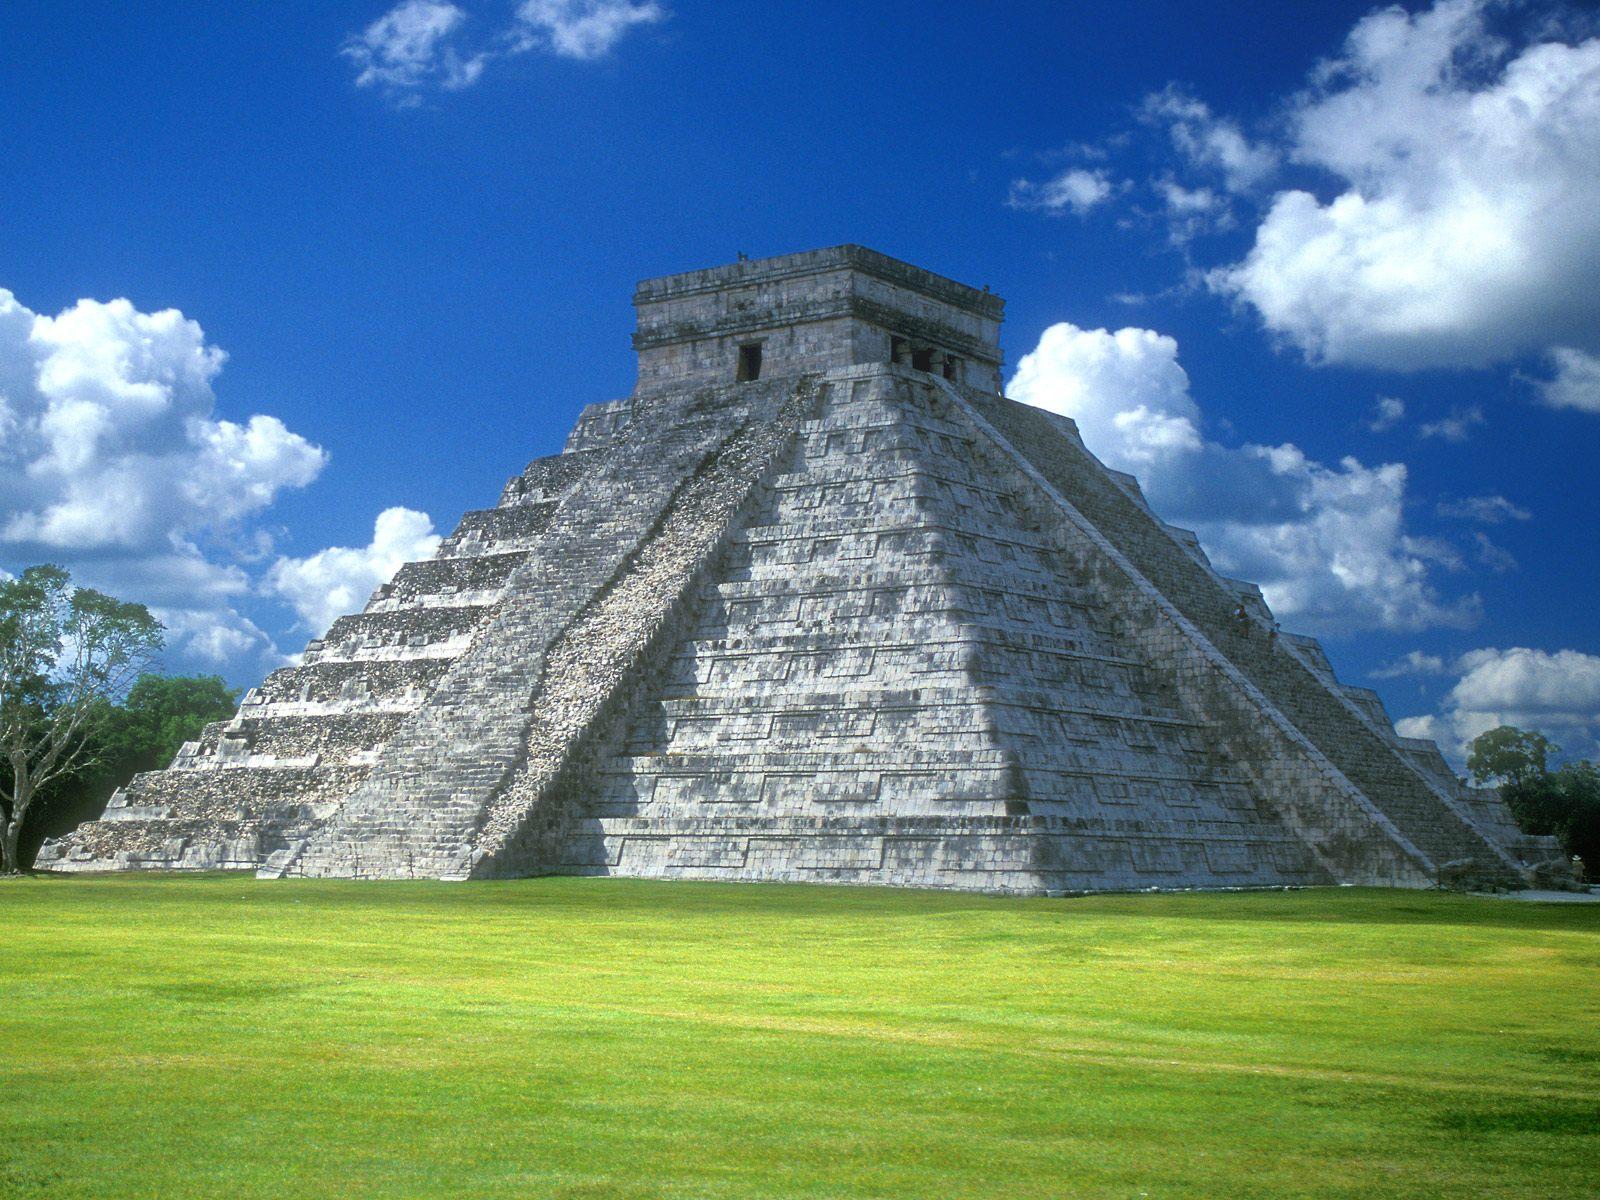 http://3.bp.blogspot.com/-h6WndfVP0Uw/T_Eg30qgP0I/AAAAAAAAEU0/tvrHzUHOgv8/s1600/Pyramid+of+Kukulkan,+Chichen+Itza,+Yucatan+Peninsula,+Mexico.jpg